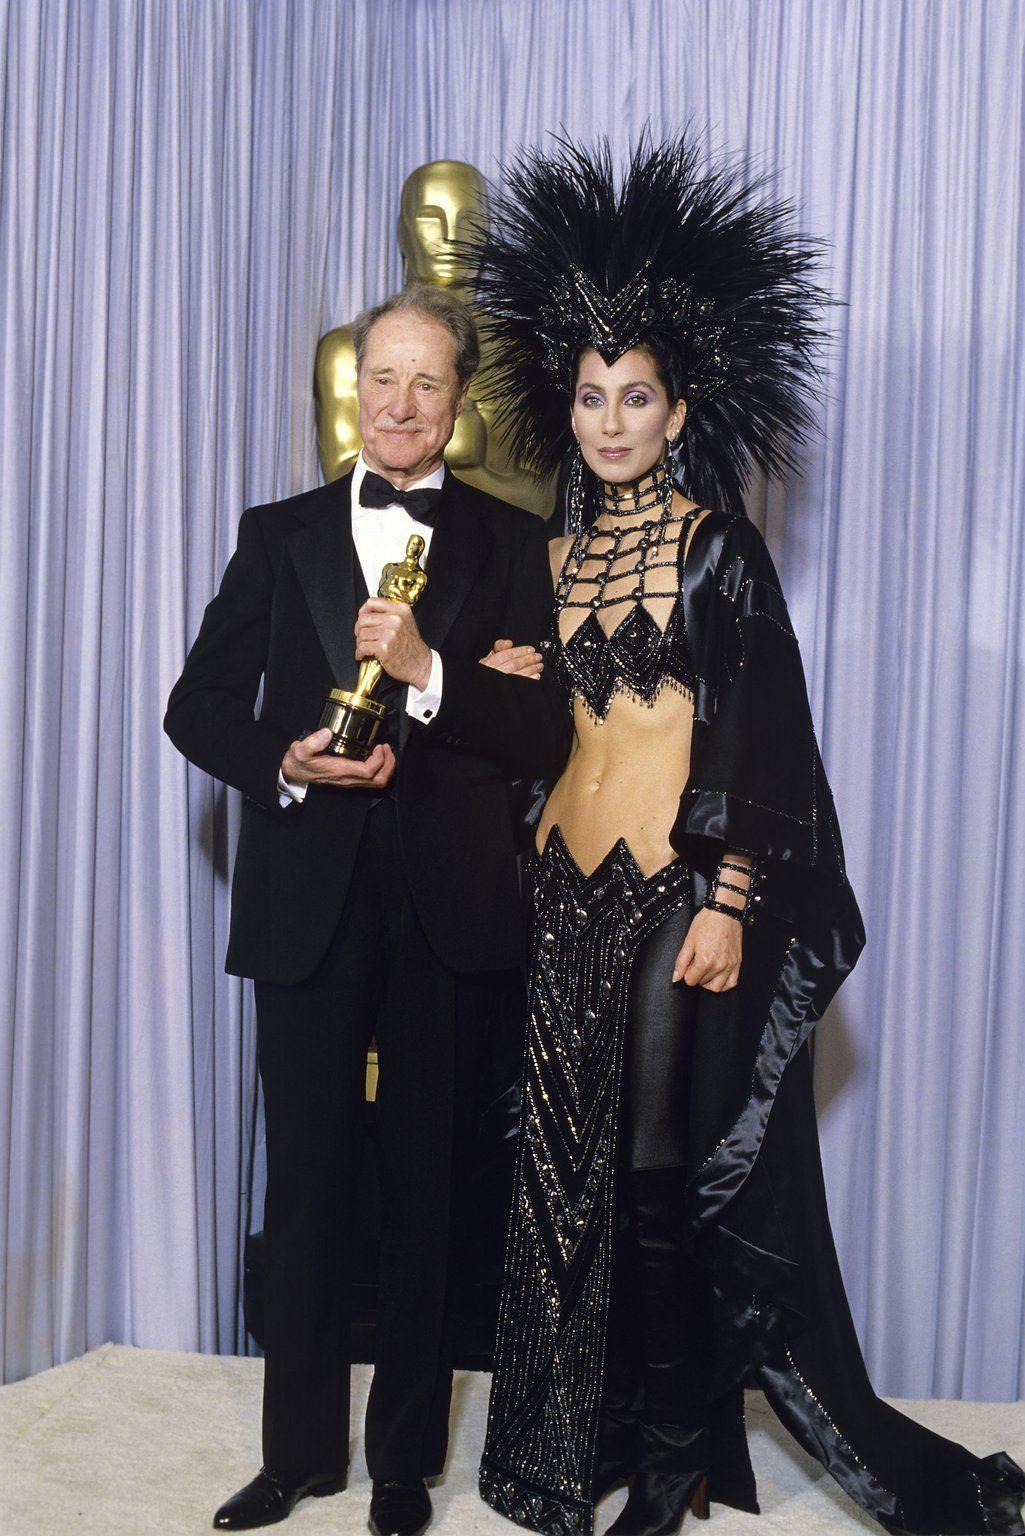 Cher 1986 Oscars Red Carpet Fashion Through The Years Oscars 2017 Photos 89th Academy Awards Oscar Fashion Red Carpet Fashion Fashion